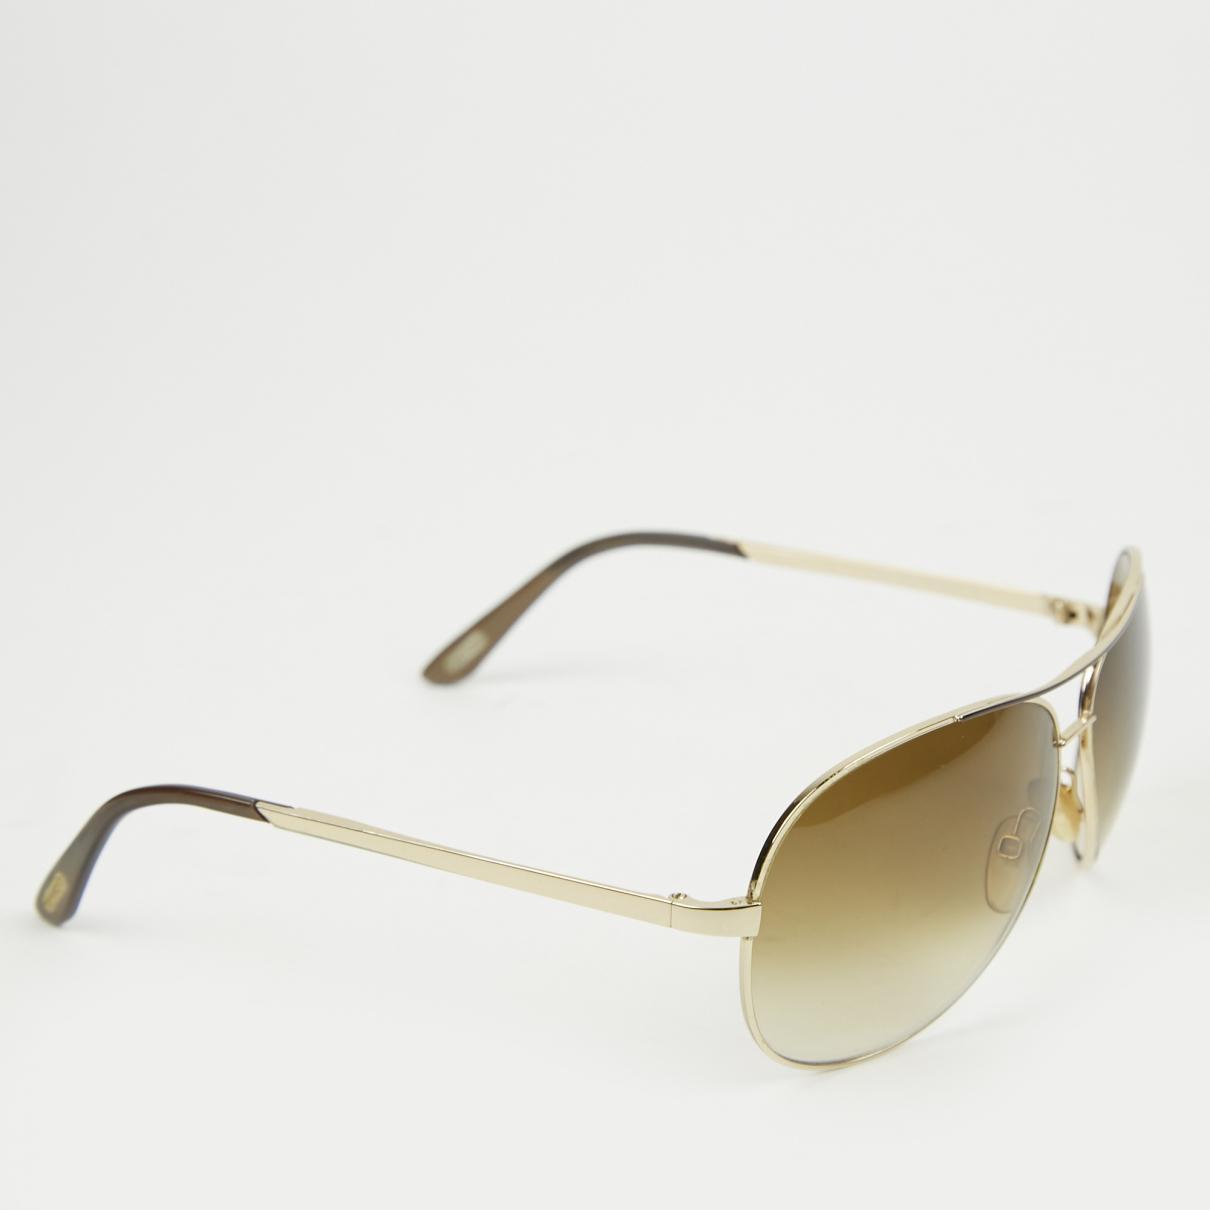 59d0239c1f0b Tom Ford - Metallic Aviator Sunglasses - Lyst. View fullscreen